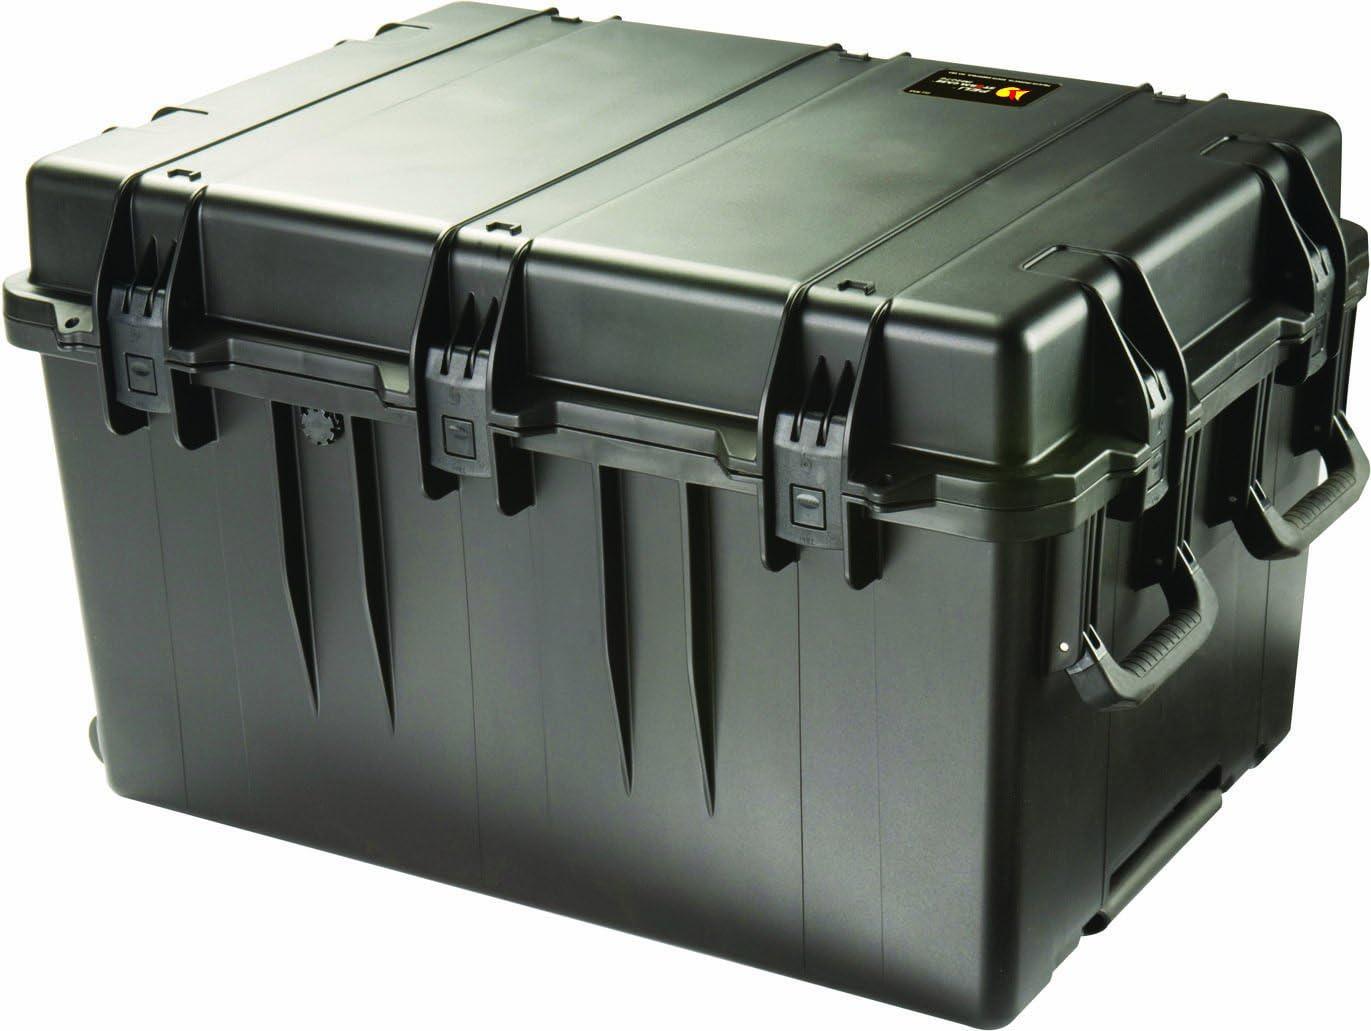 PELI Storm IM3075 Maleta de Transporte Grande para Equipos electrónicos, fotográficos y audiovisuales, Resistente al Agua y al Polvo, 257L de Capacidad, Fabricada en EE.UU, sin Espuma, Color Negro